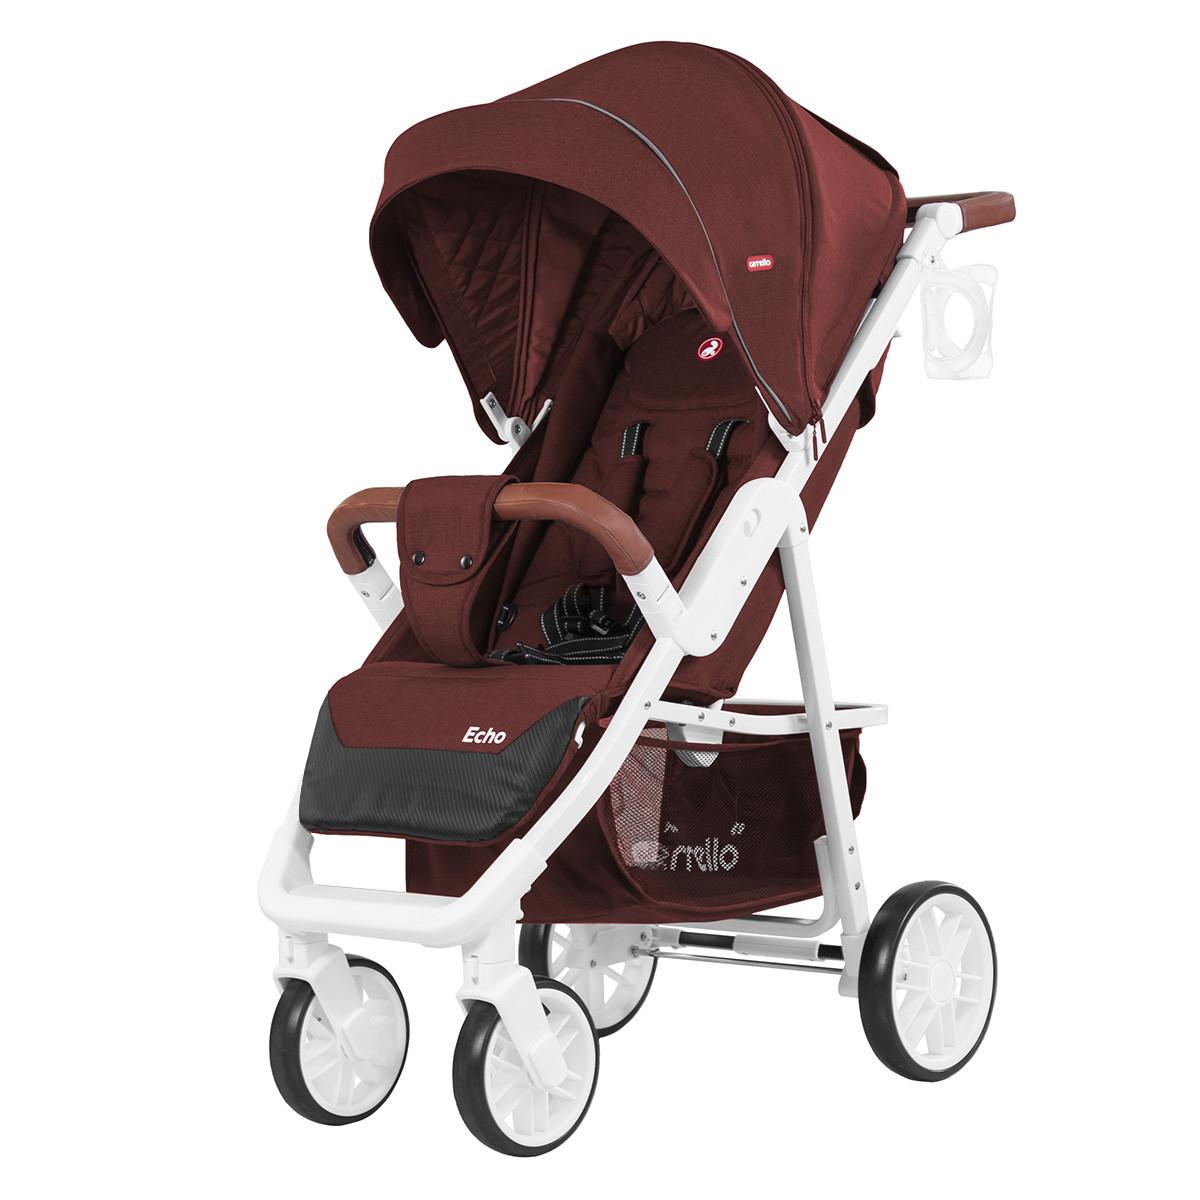 Коляска прогулочная CARRELLO Echo CRL-8508 Rose Red + Дождевик L Гарантия качества Быстрая доставка